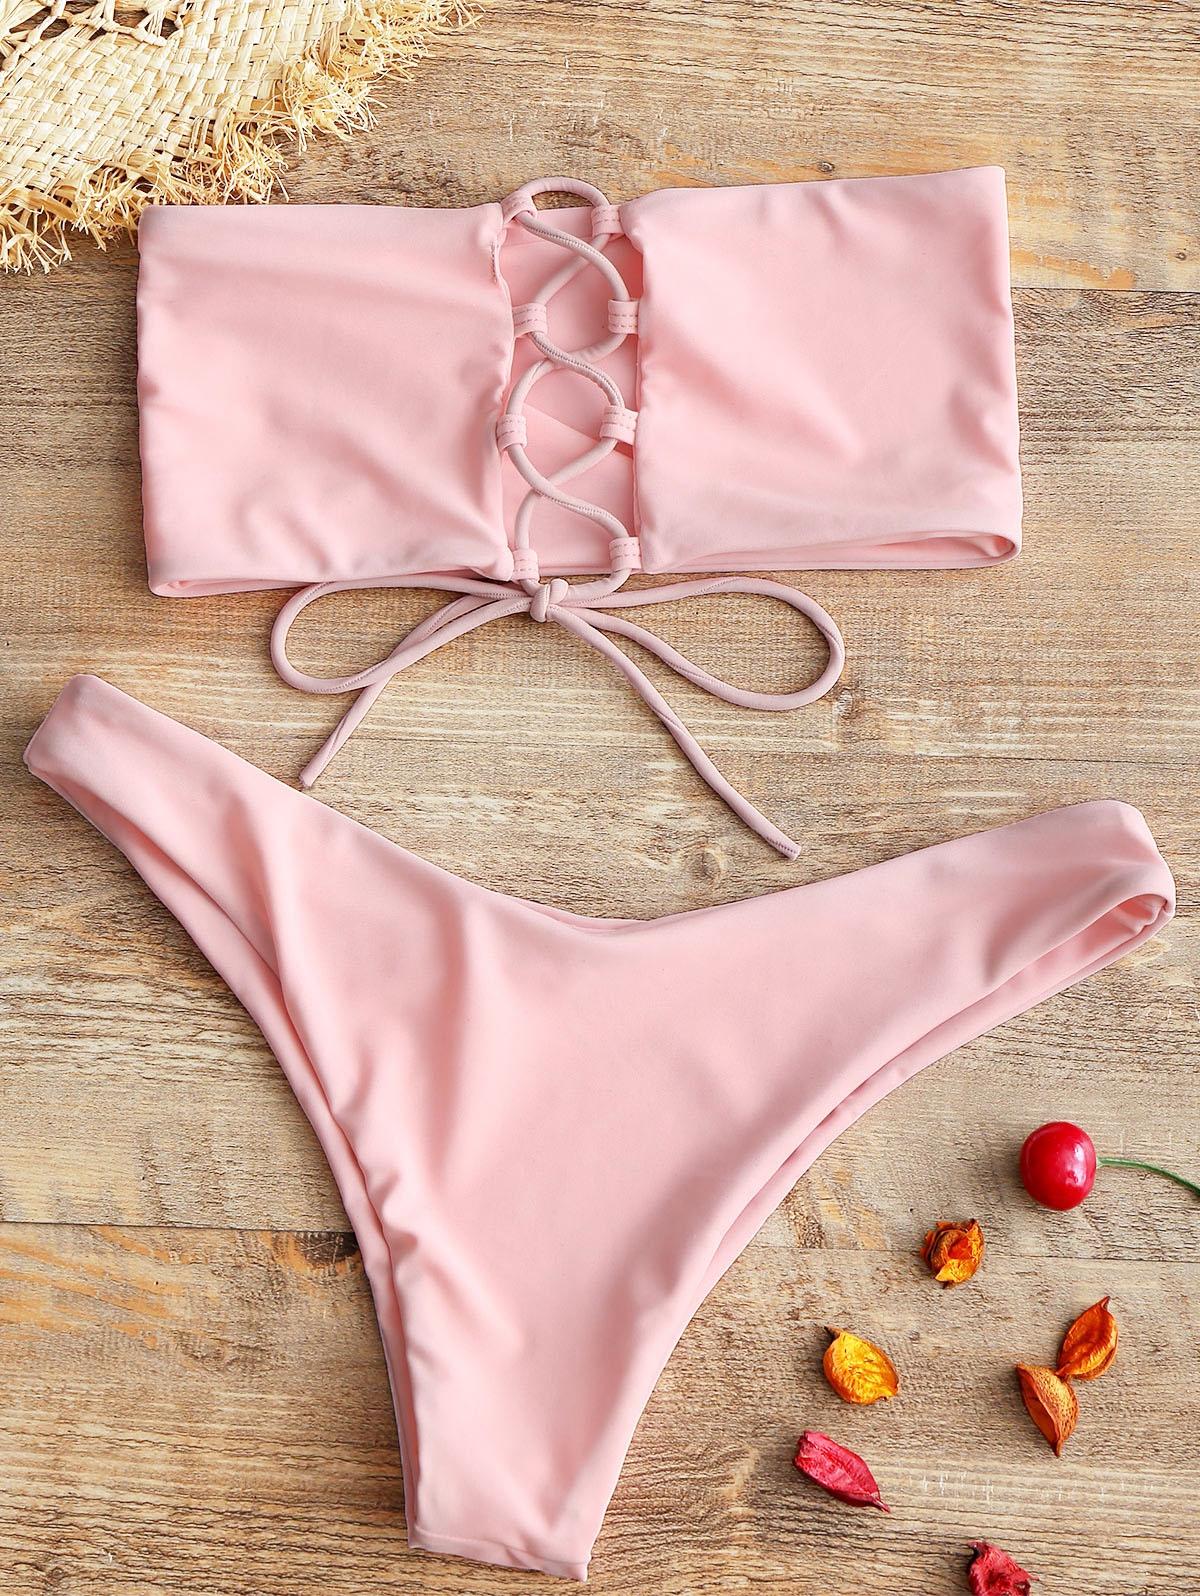 ZAFUL Unlined Back Lace-up Bandeau Bikini Set